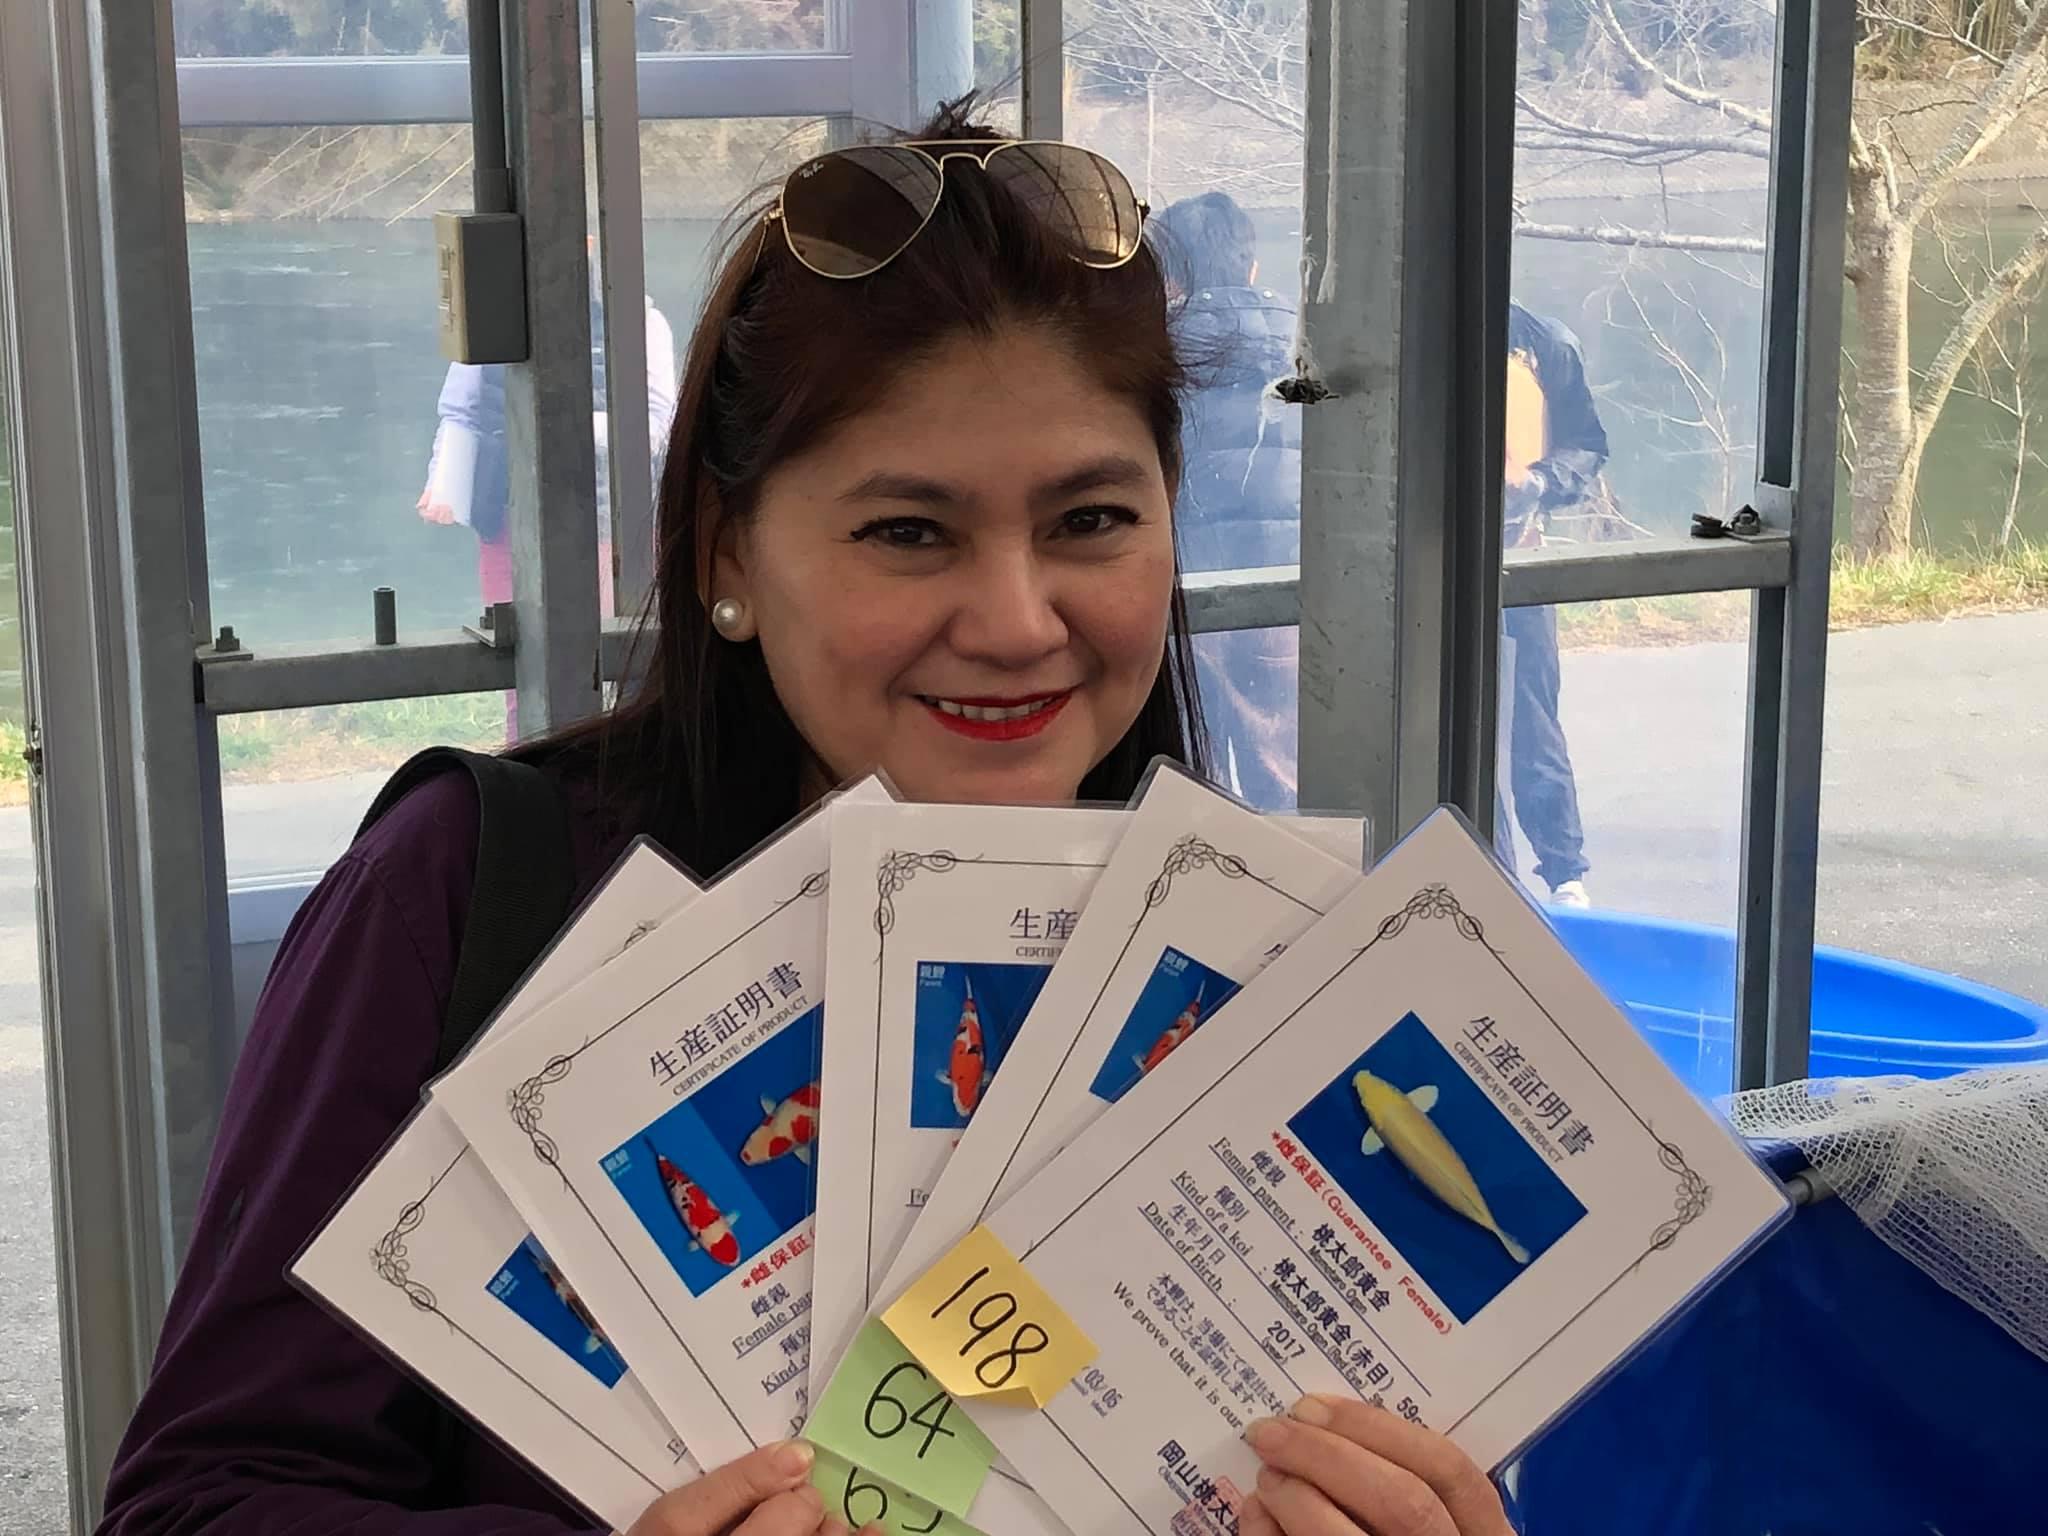 Maria Capot, Momotaro Auctions